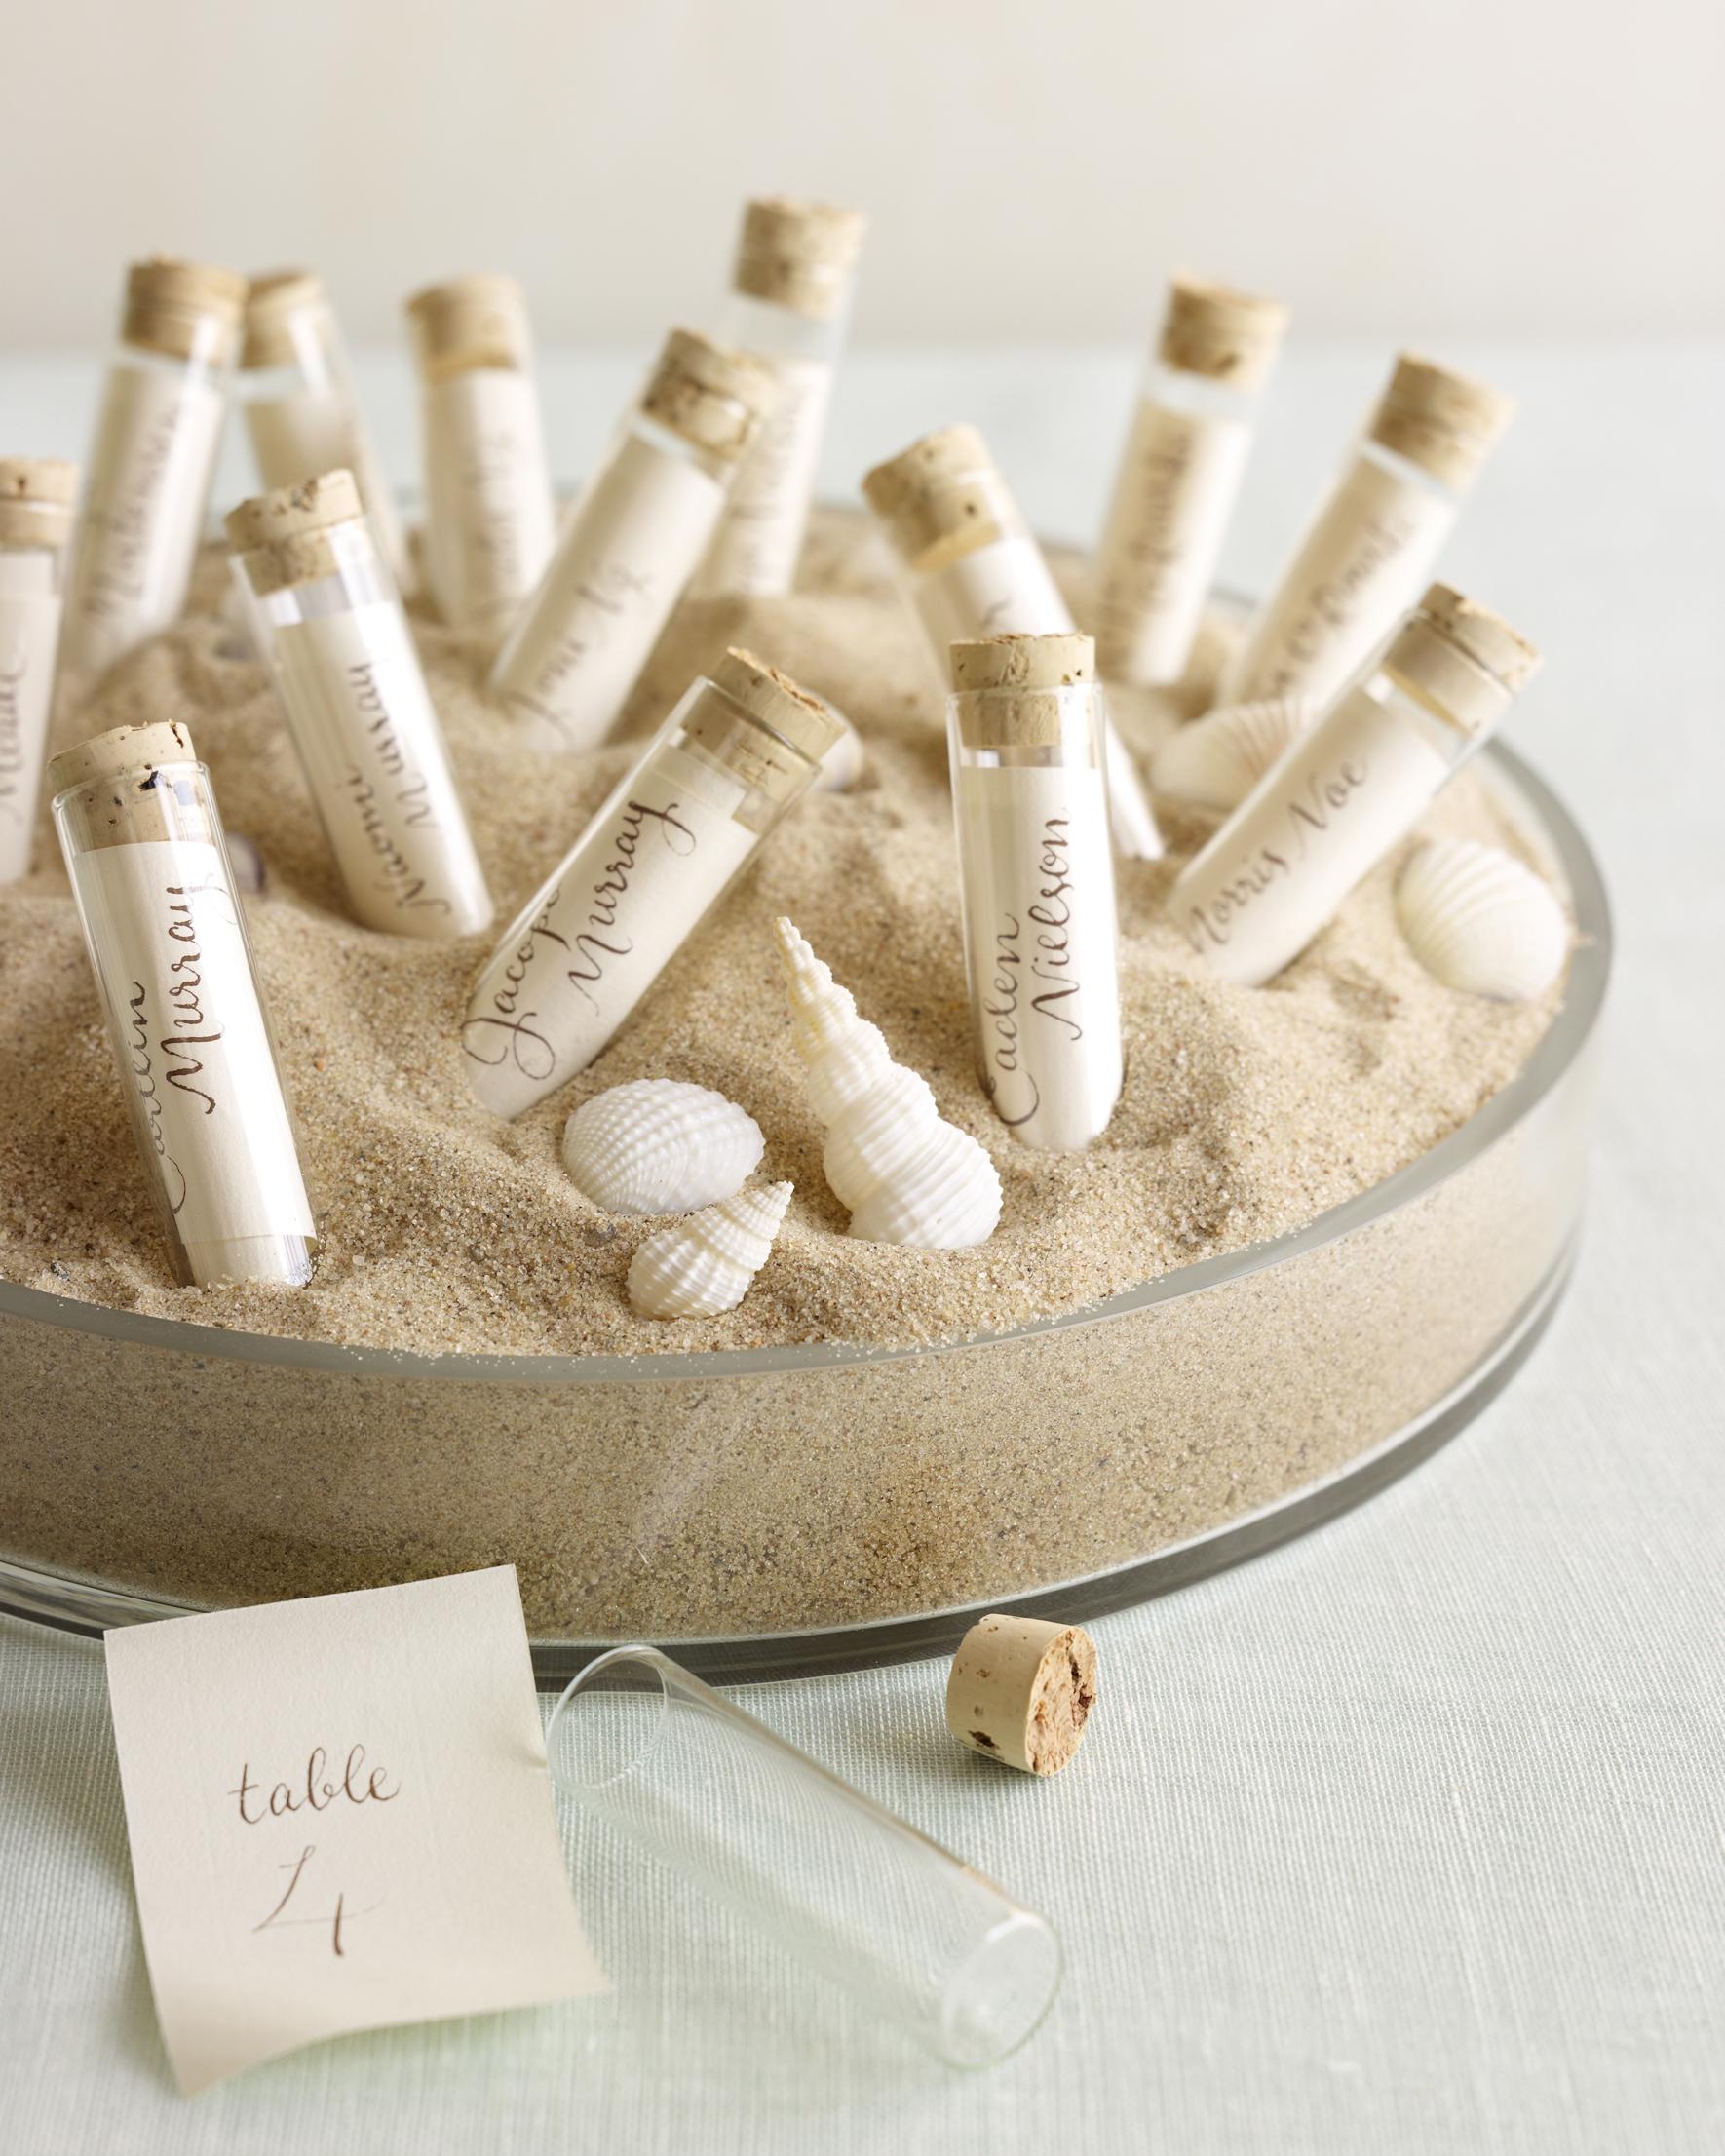 beach-escort-cards-test-tube-bottles-sip10-0615.jpg